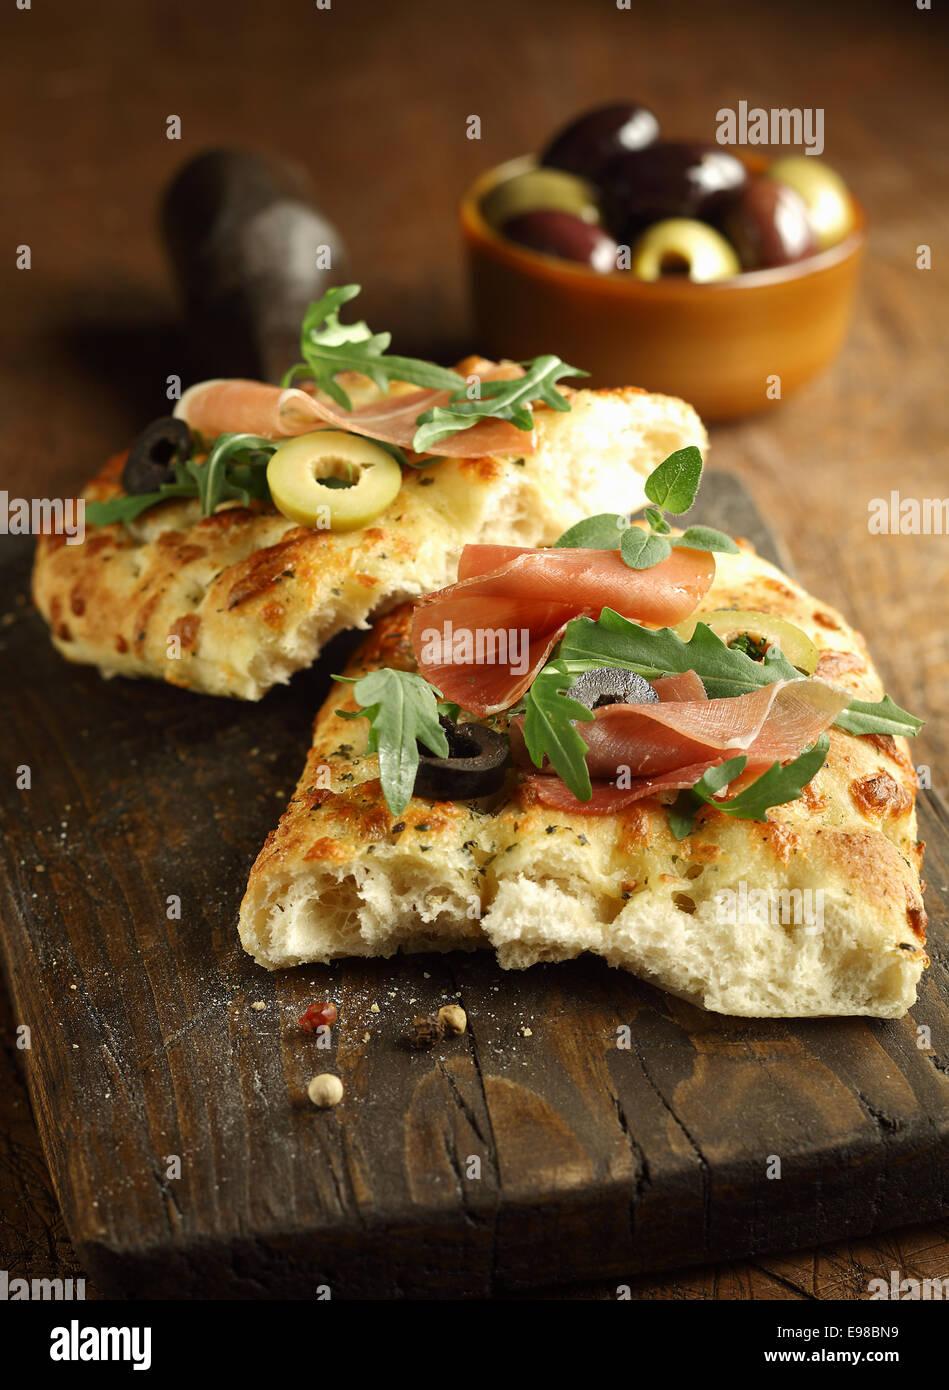 Köstliche traditionelle überbackene italienische Focaccia-Brot mit Schinken, Rucola und Oliven auf alten Stockbild